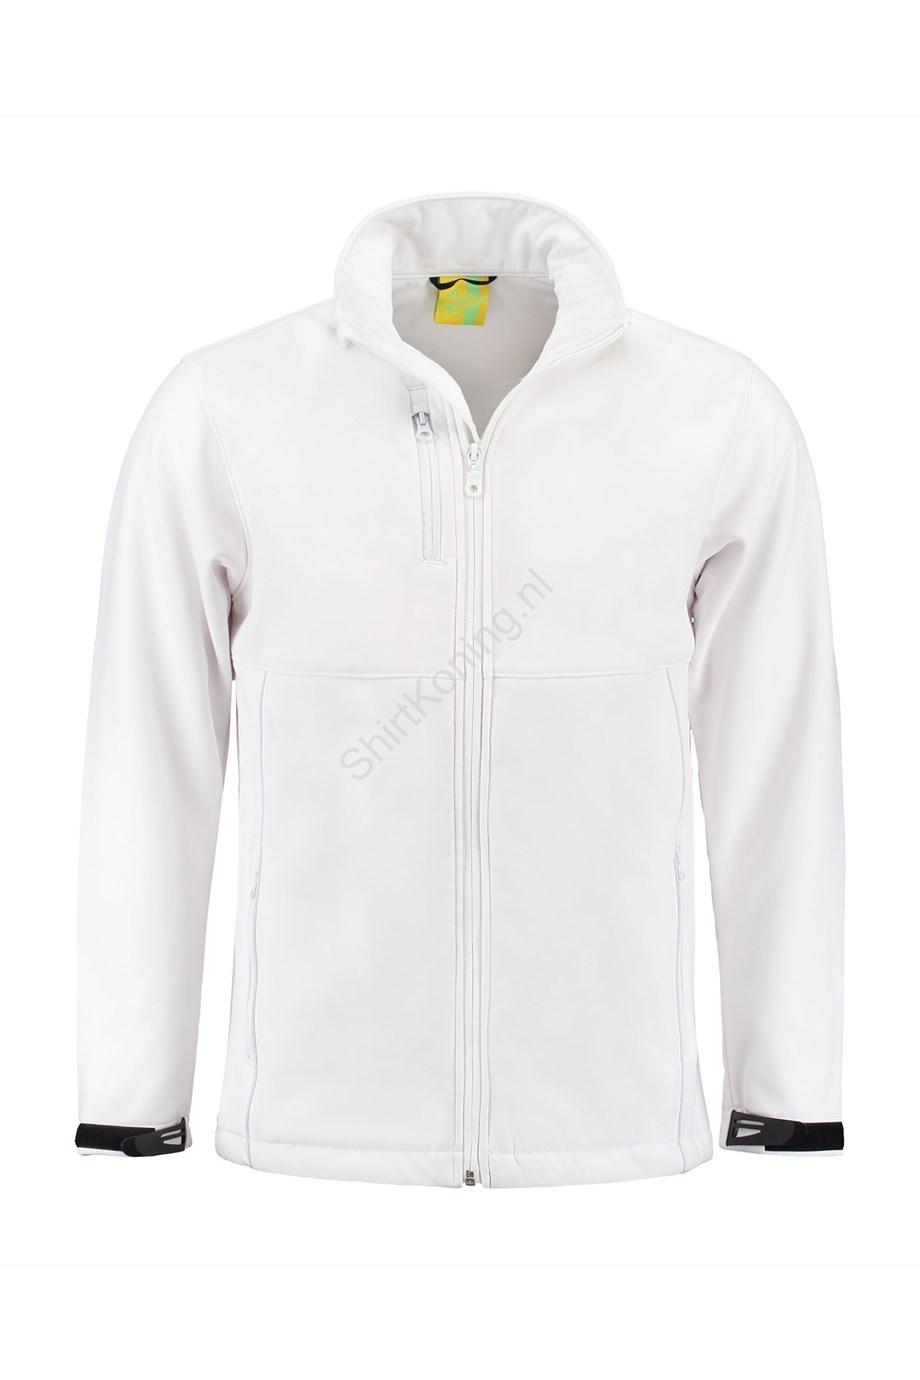 kleding-lemon&soda 3635